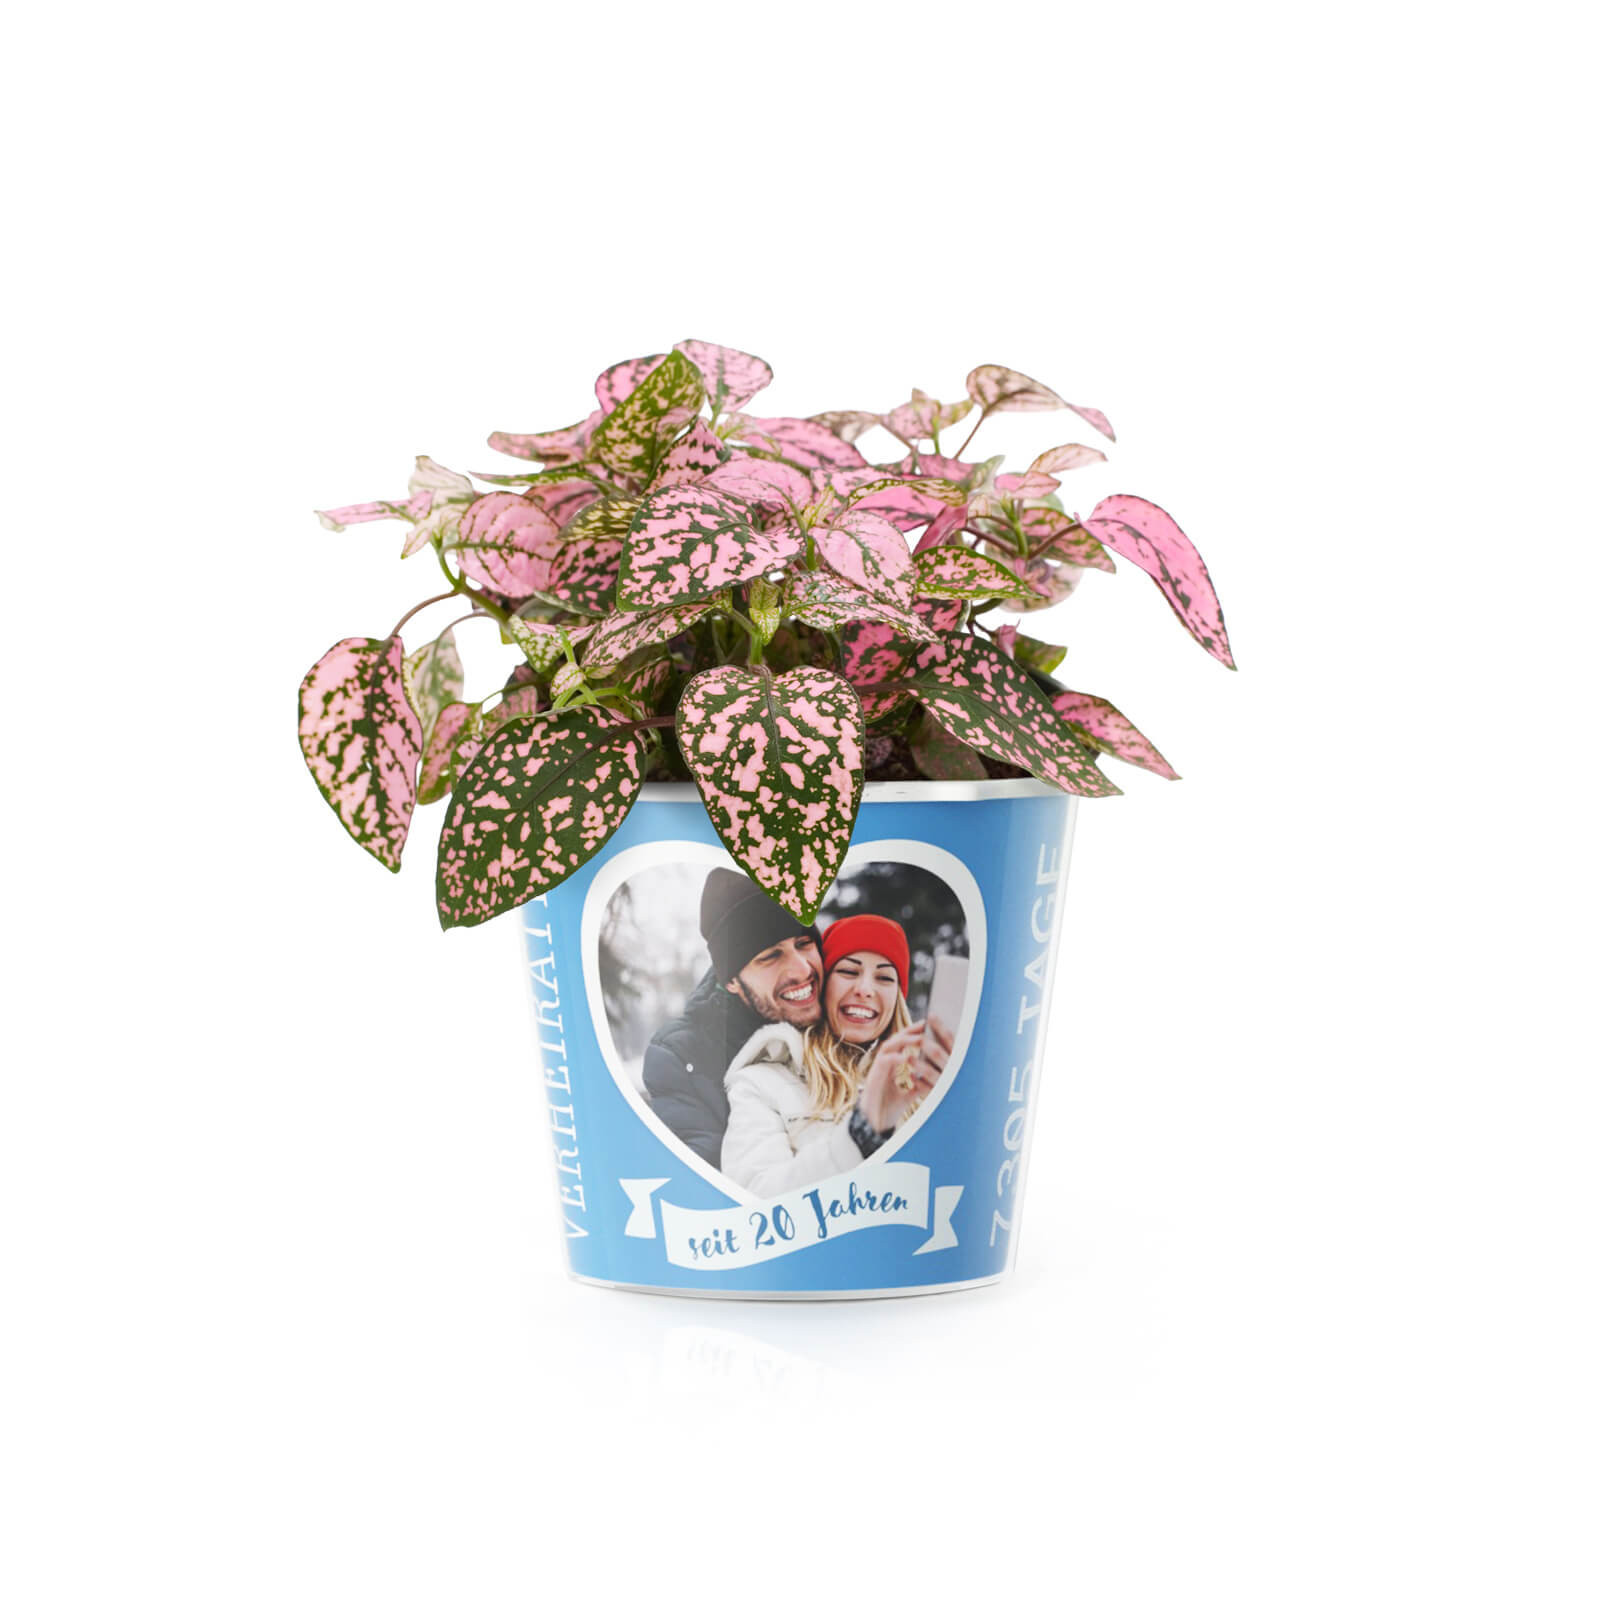 Geschenke Zum 20 Hochzeitstag  20 Hochzeitstag Porzellan Hochzeit – Blumentopf von